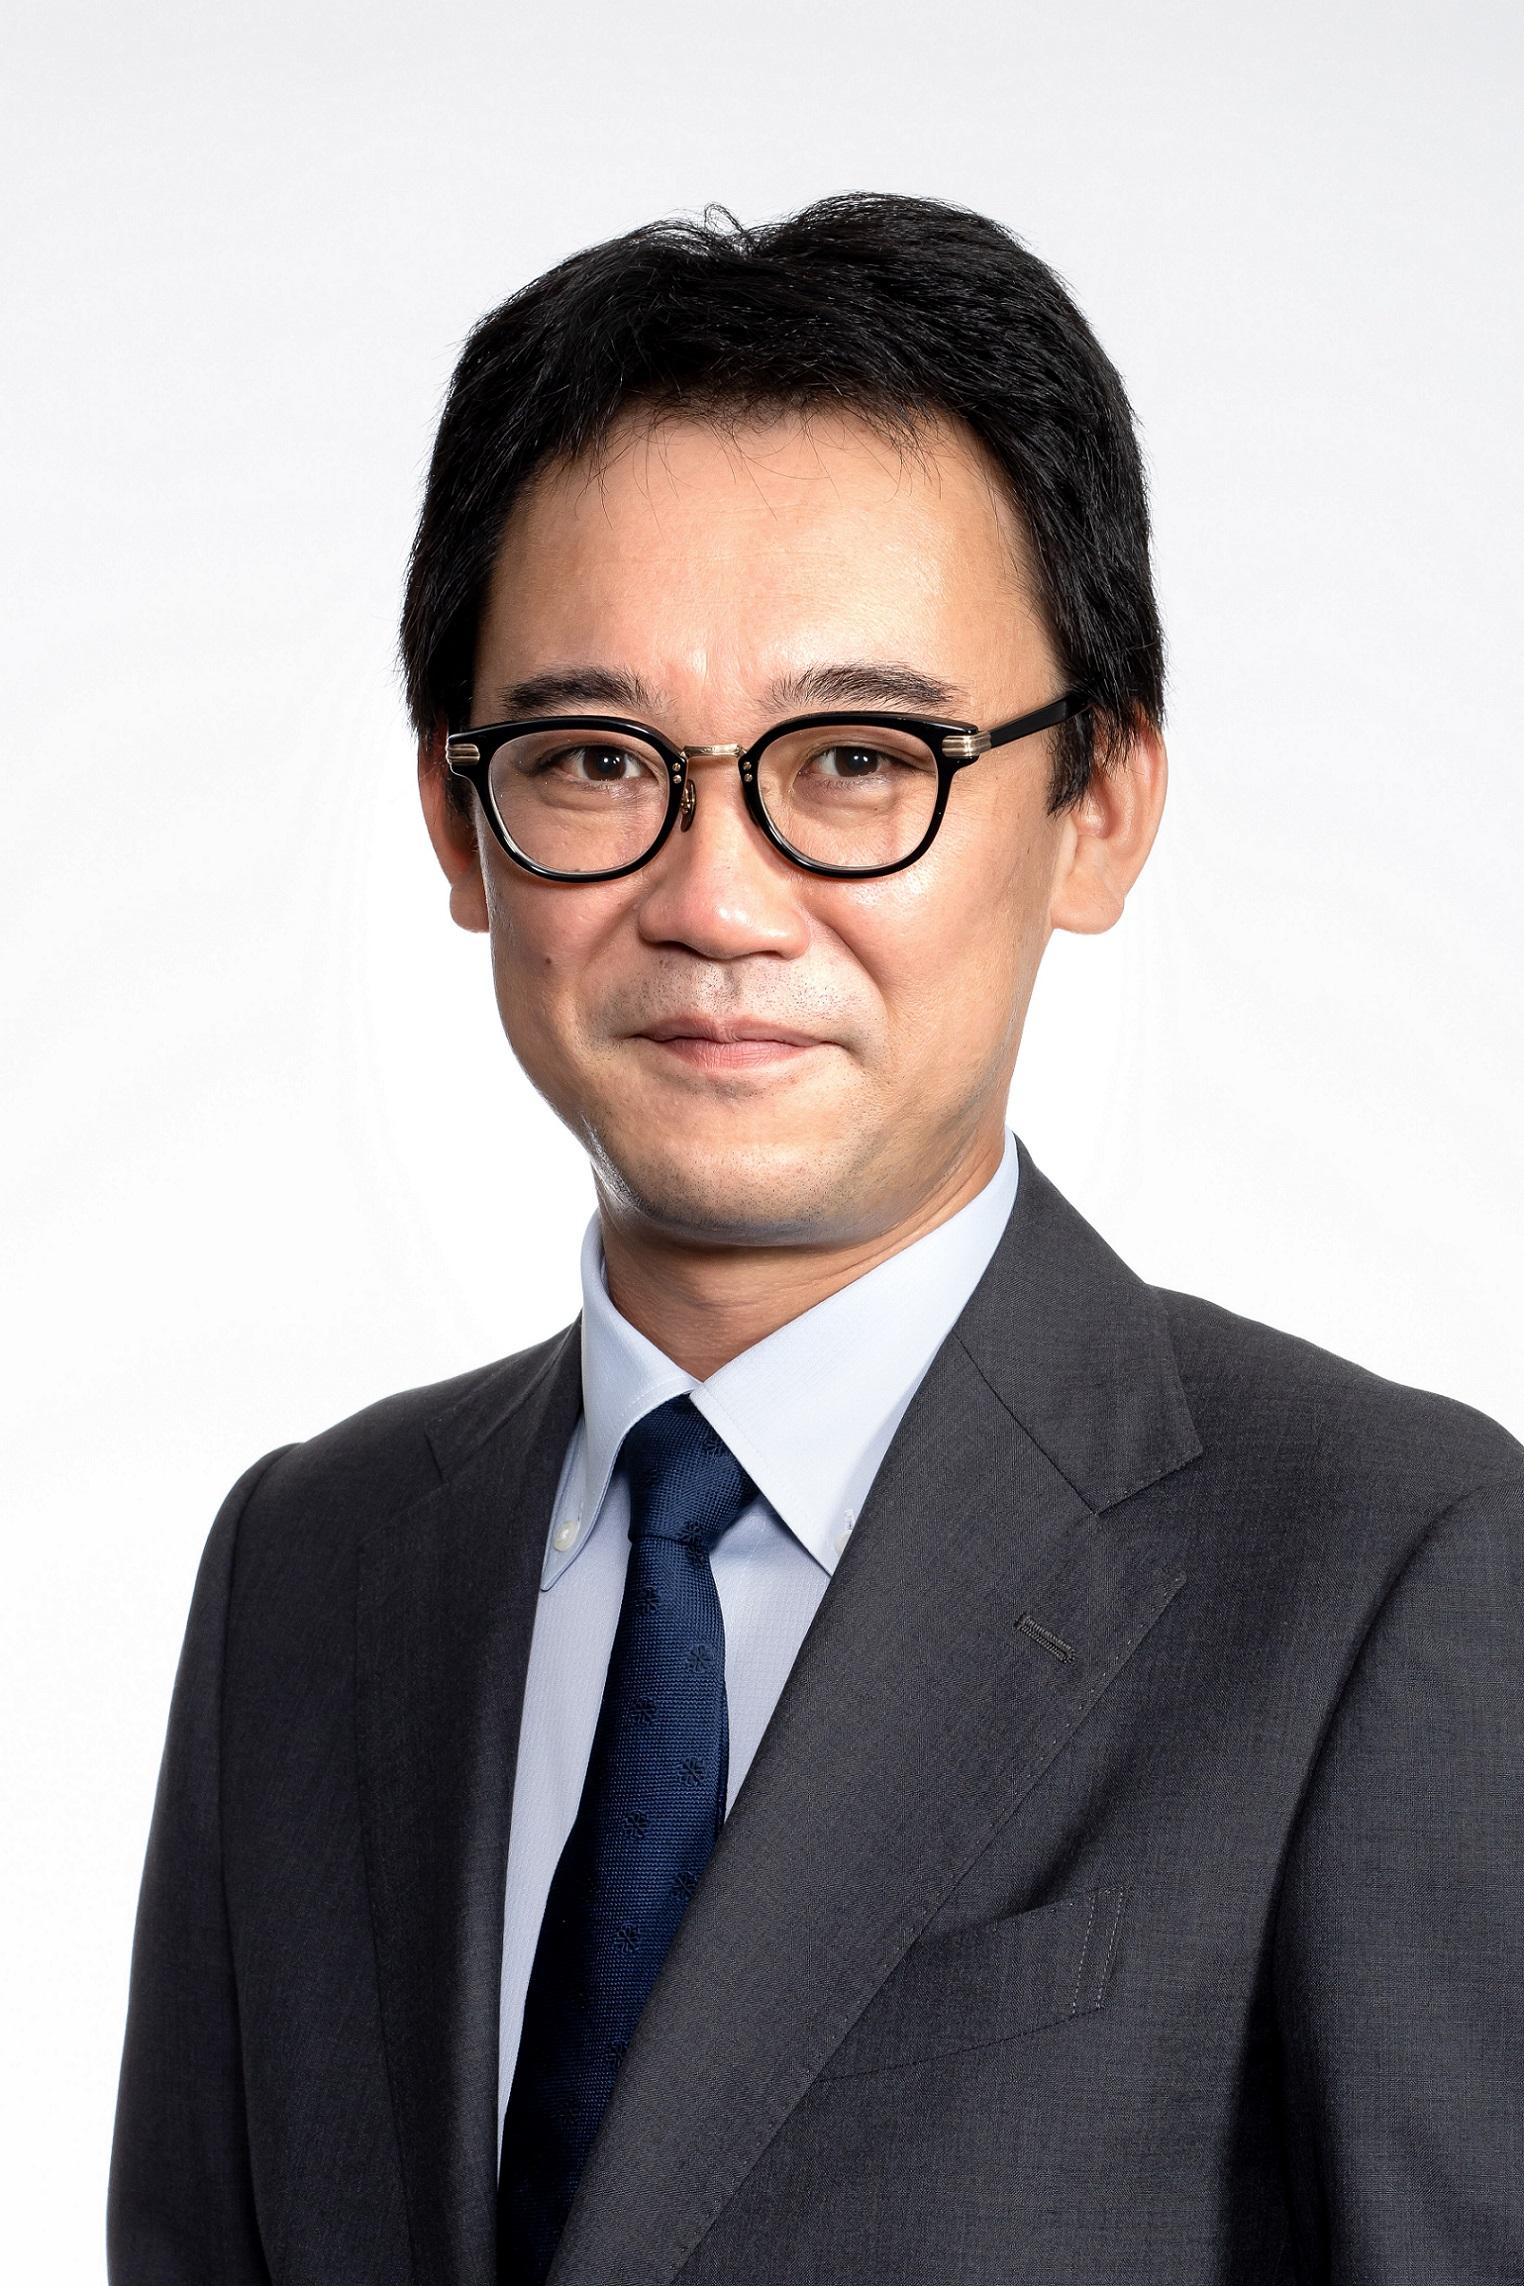 社外取締役/監査等委員 後藤 高志 Takashi Goto